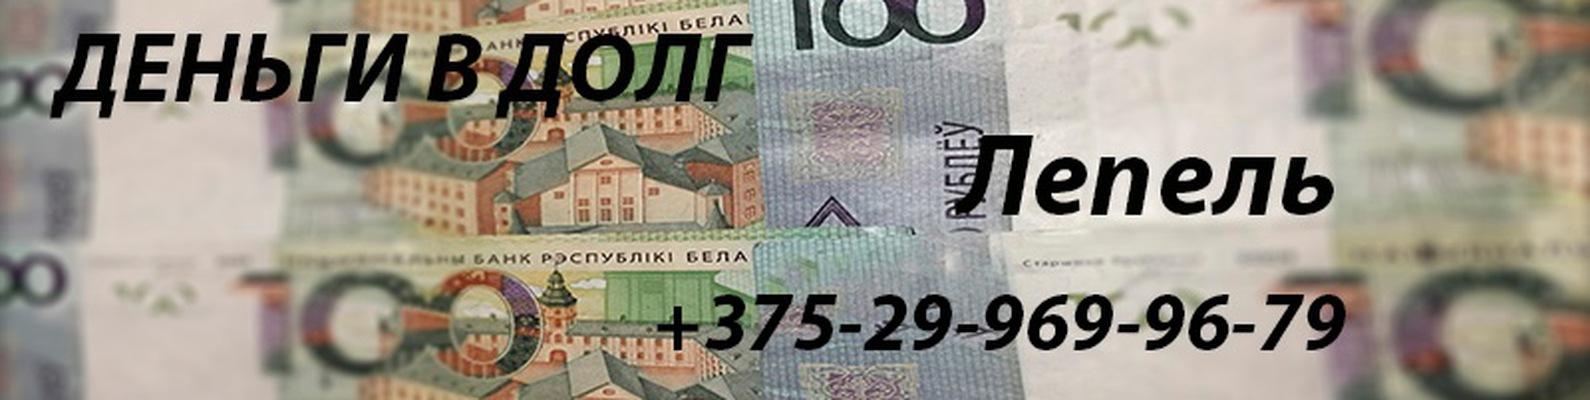 Деньги в долг в лепеле